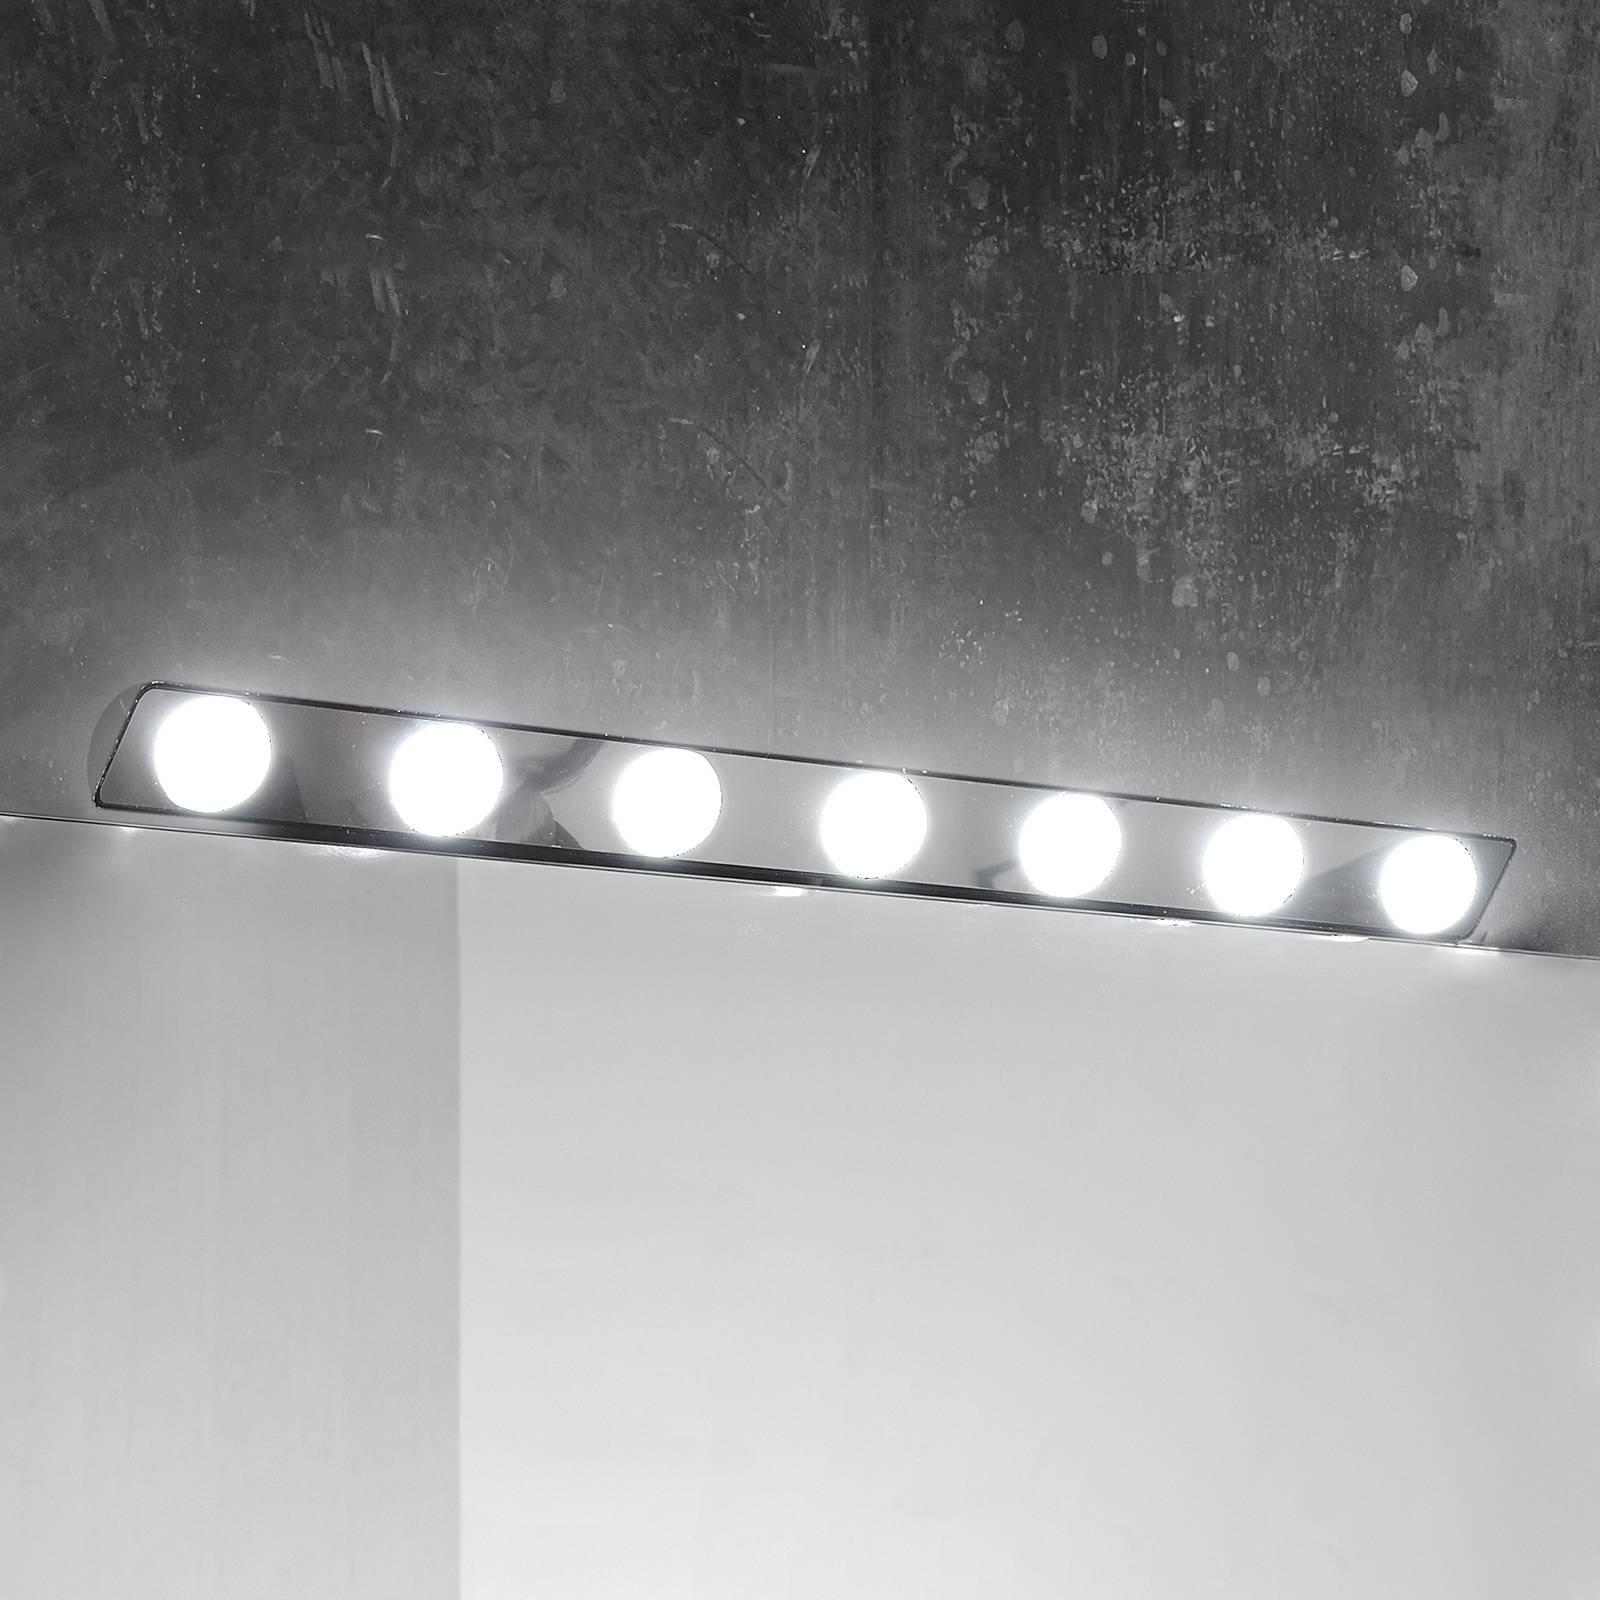 Applique pour miroir LED Hollywood, 85cm 7 lampes